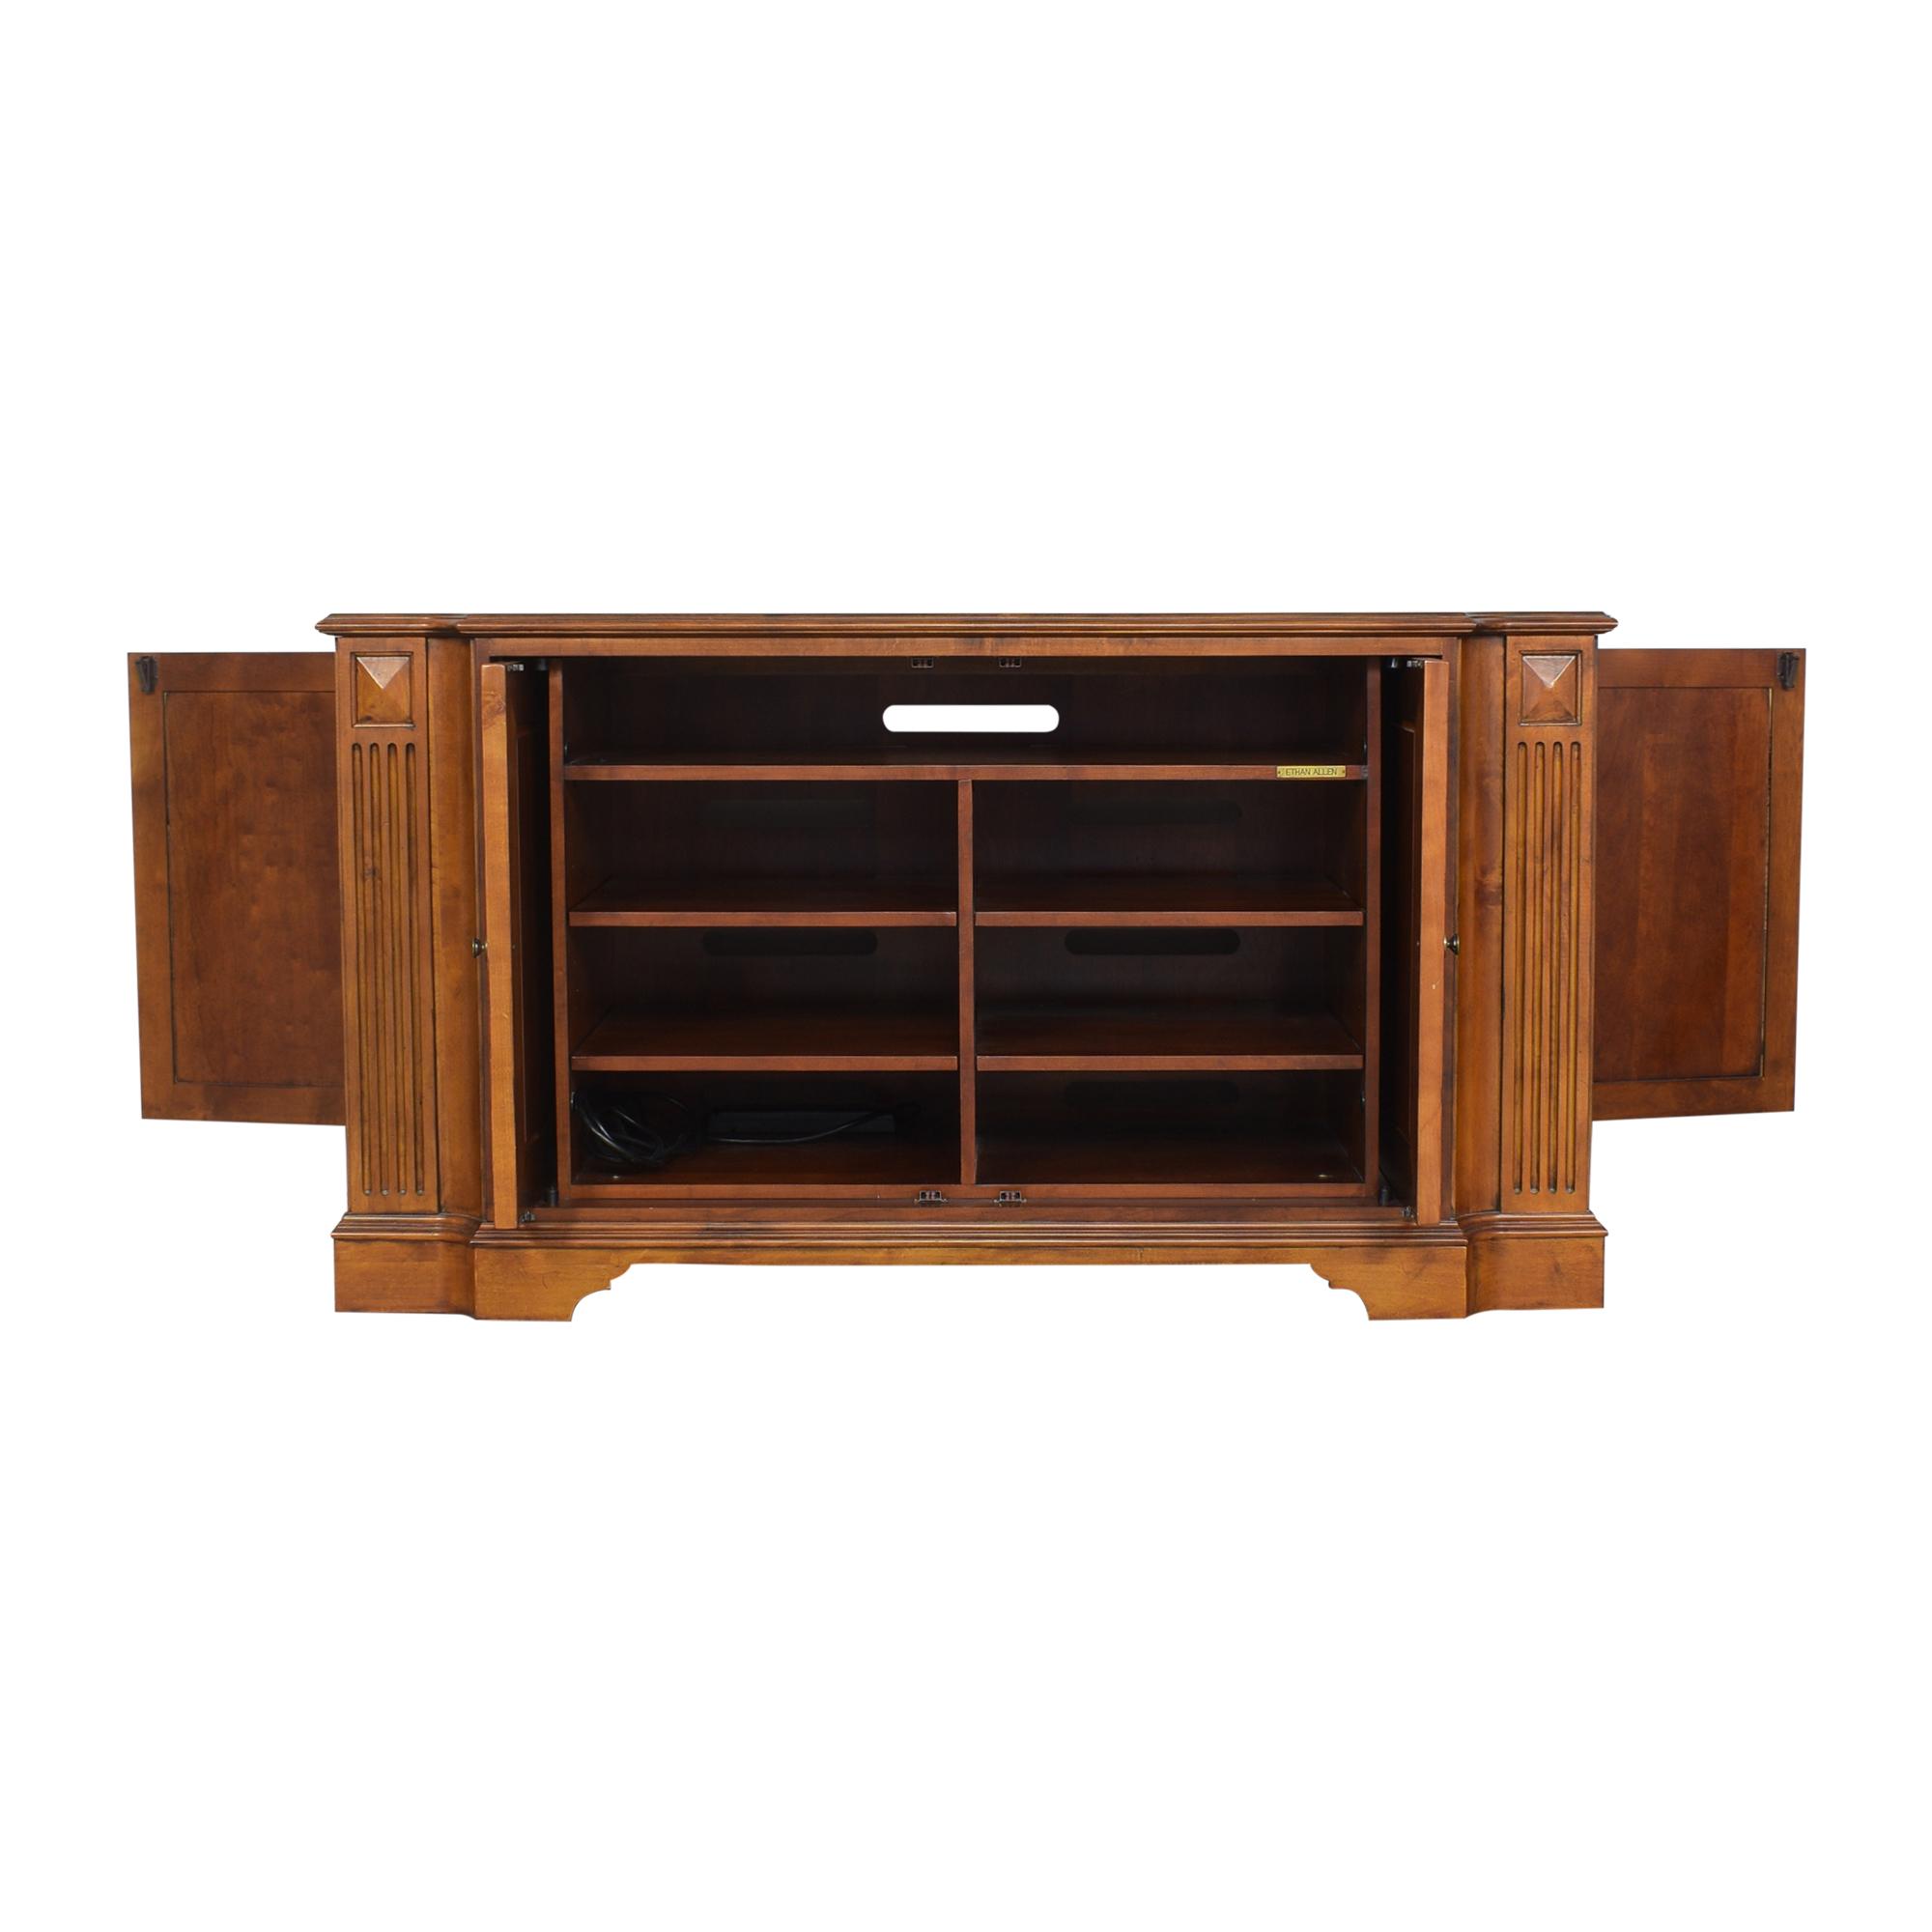 Ethan Allen Two Door Cabinet / Cabinets & Sideboards